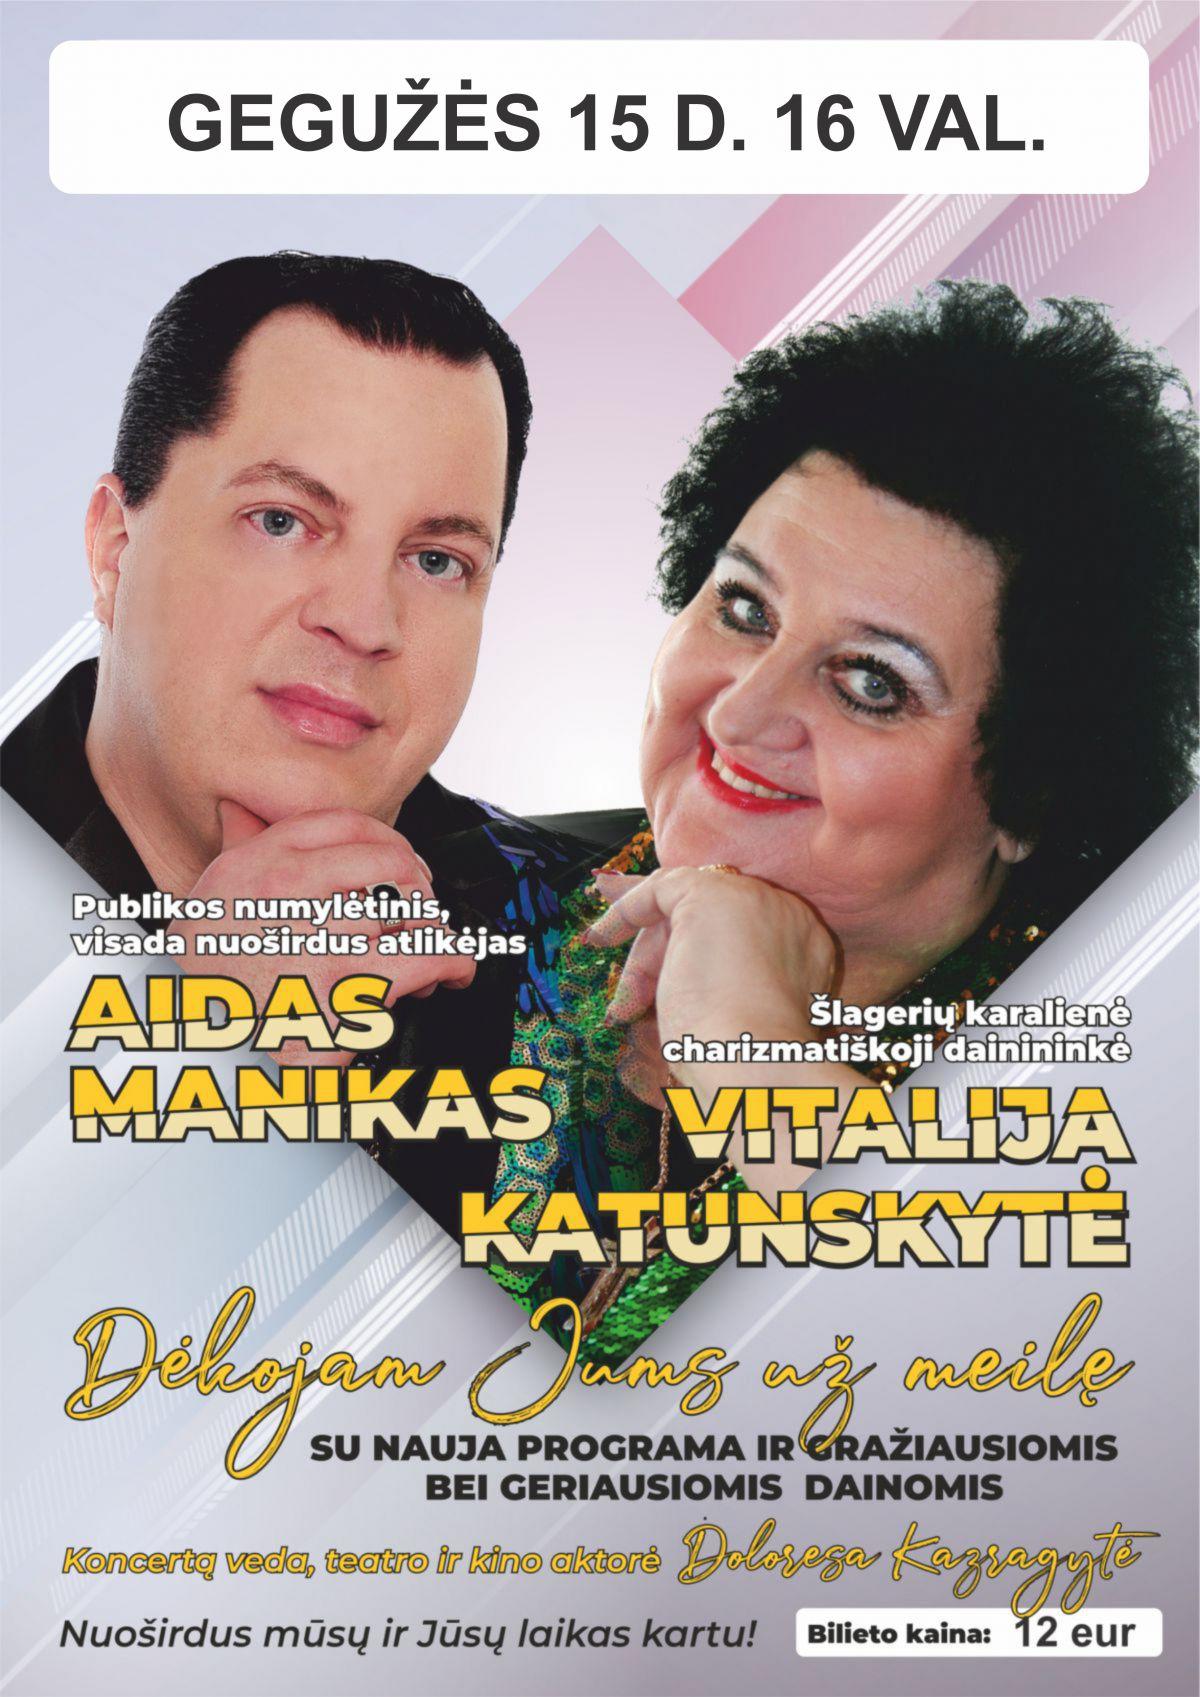 """ATŠAUKTAS!!! Vitalijos Katunskytės ir Aido Maniko koncertas """"Dėkojam jums už meilę"""""""